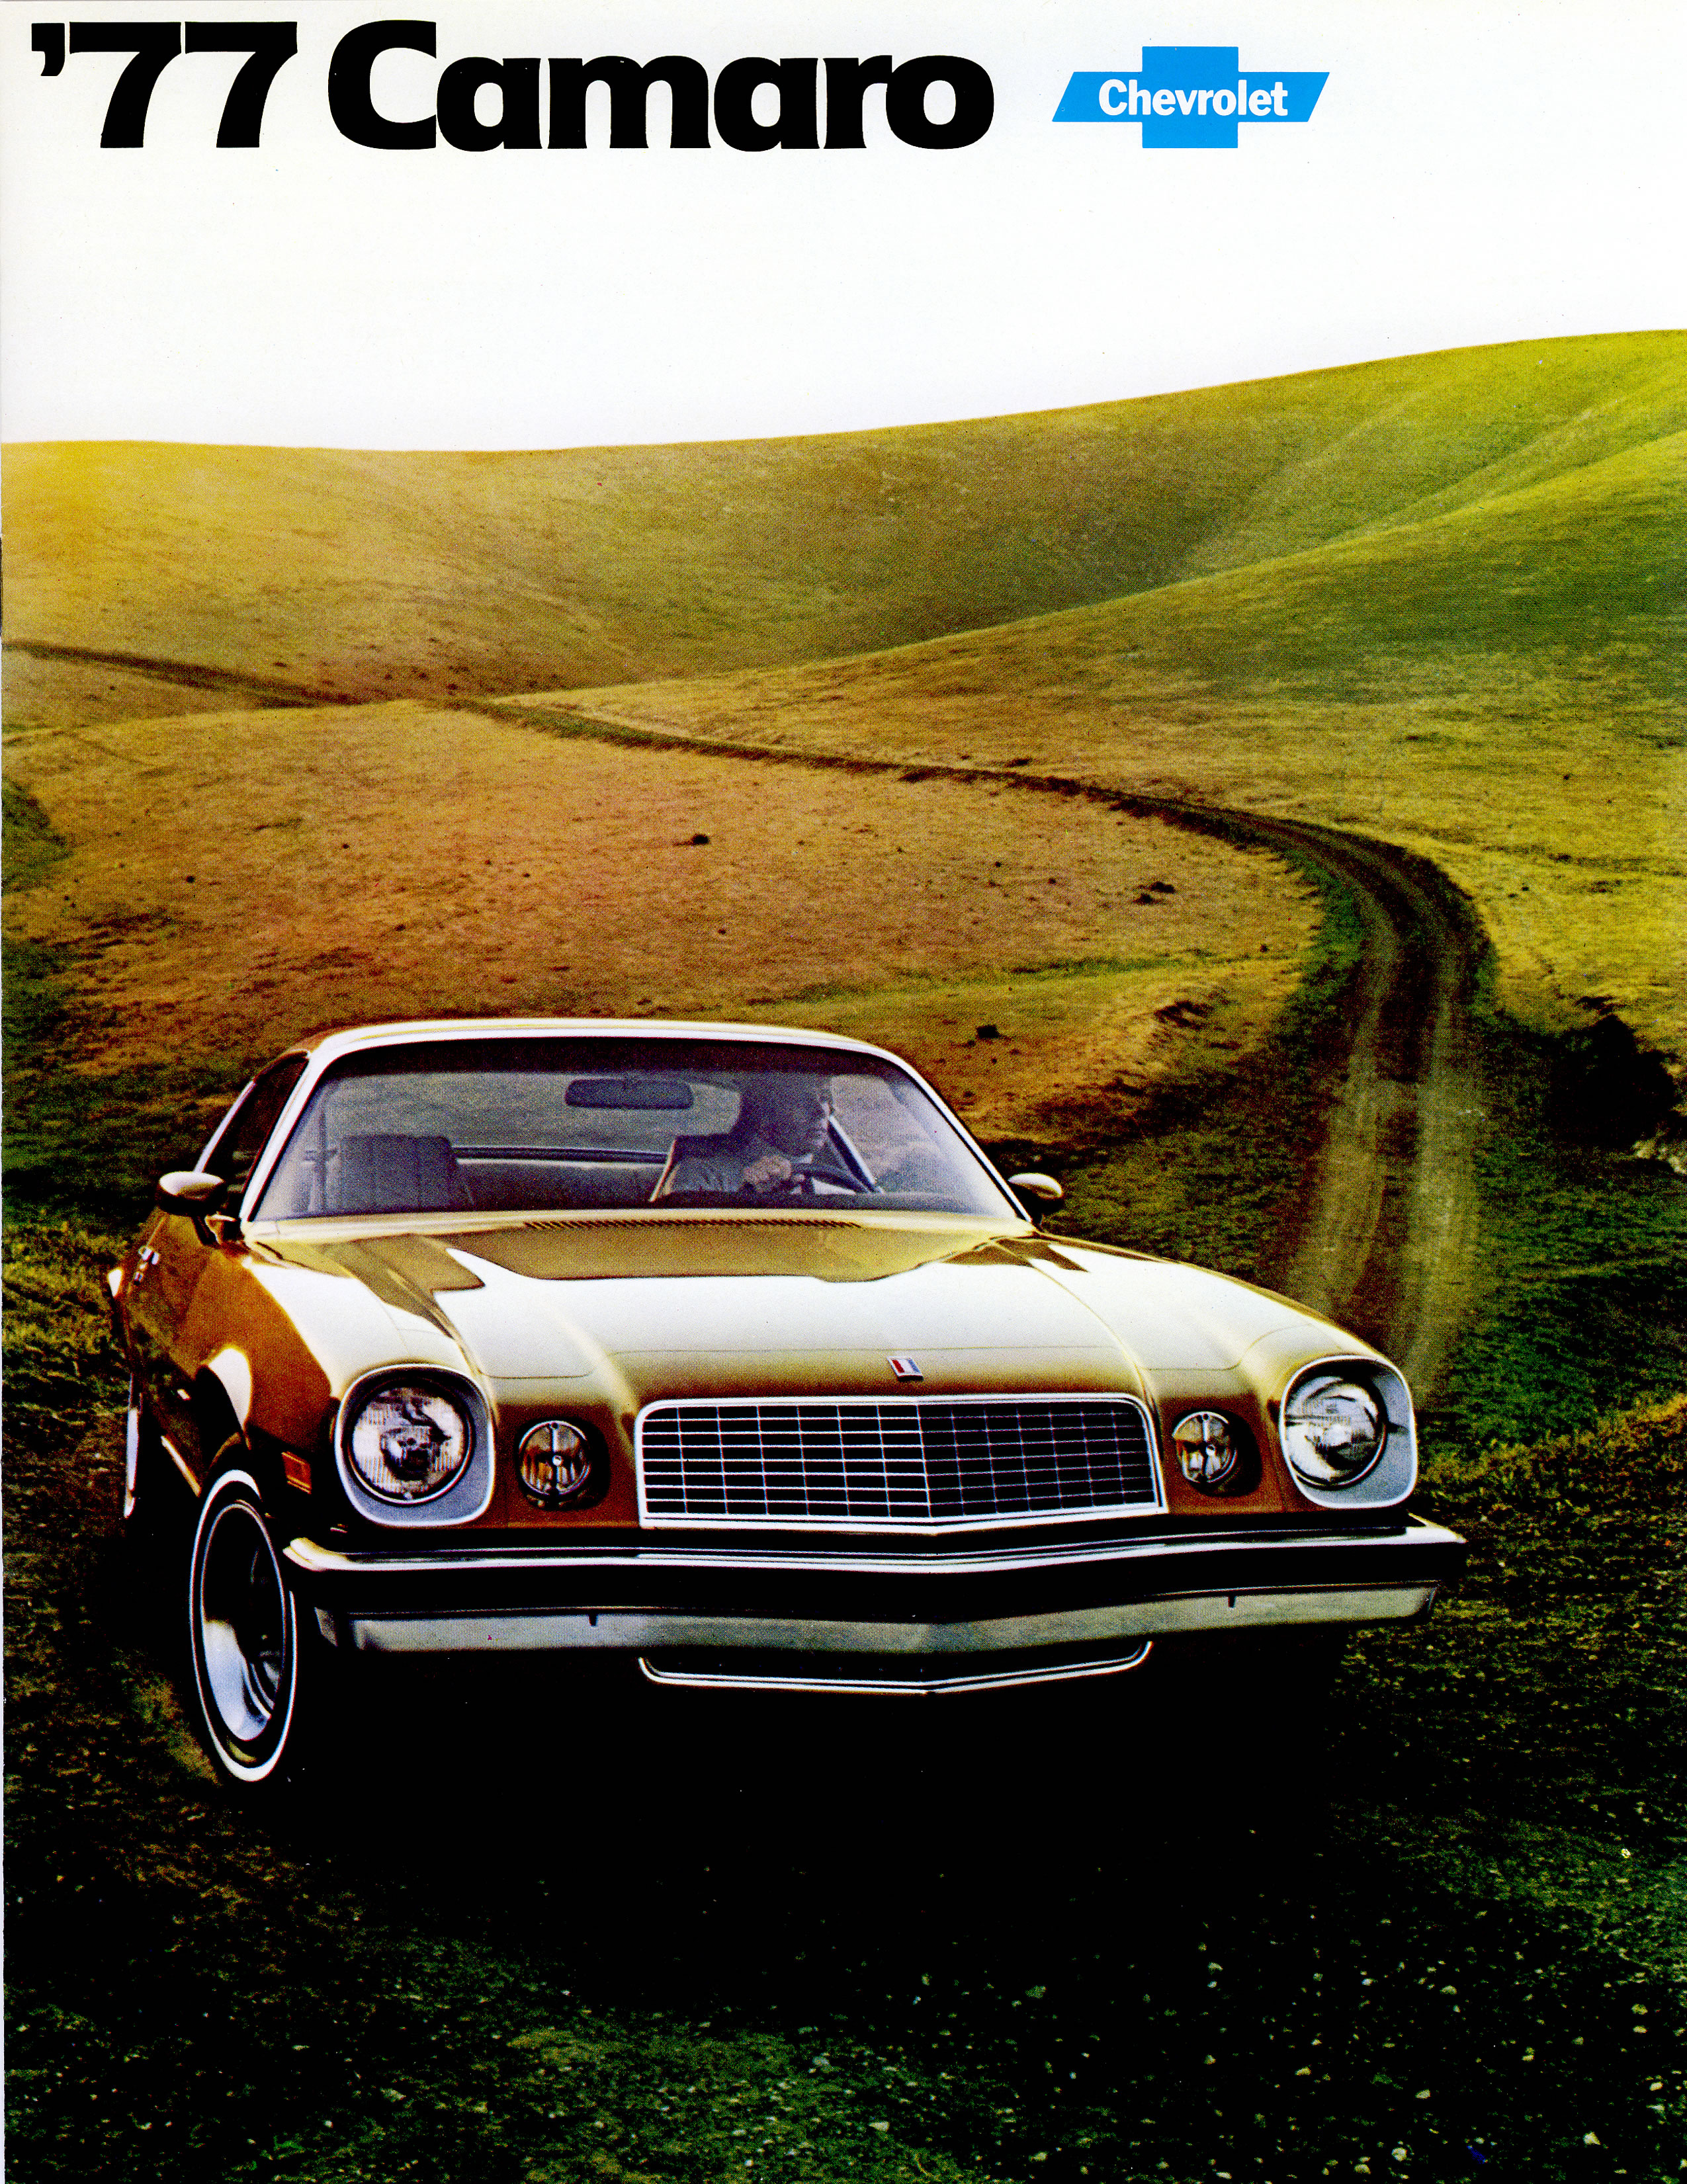 Car brochures 1977 camaro brochure canada 1977 camaro page 1 jpg